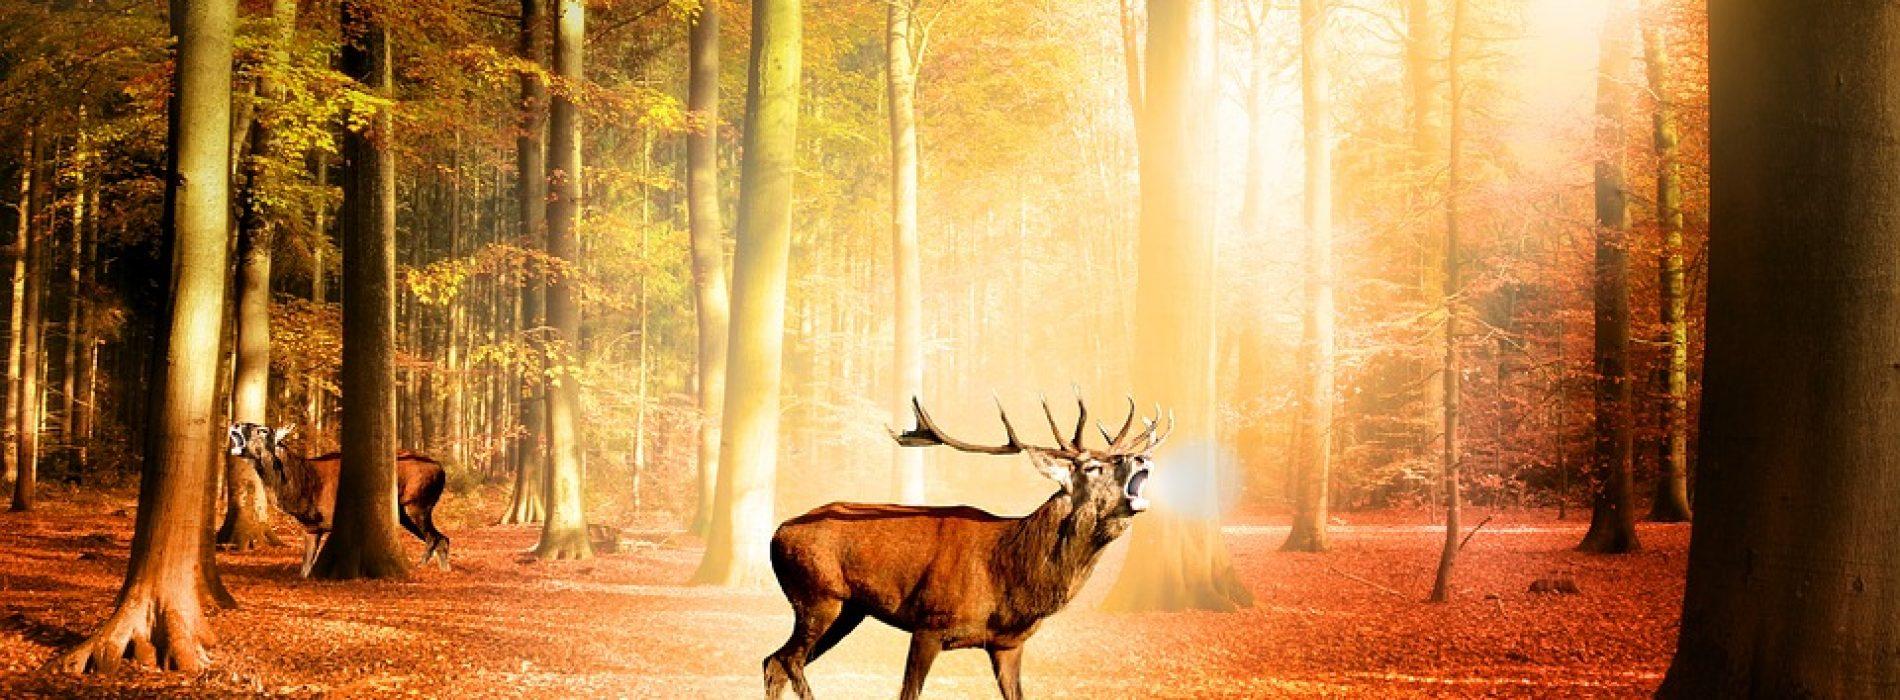 The Hunt for Deer in Ireland